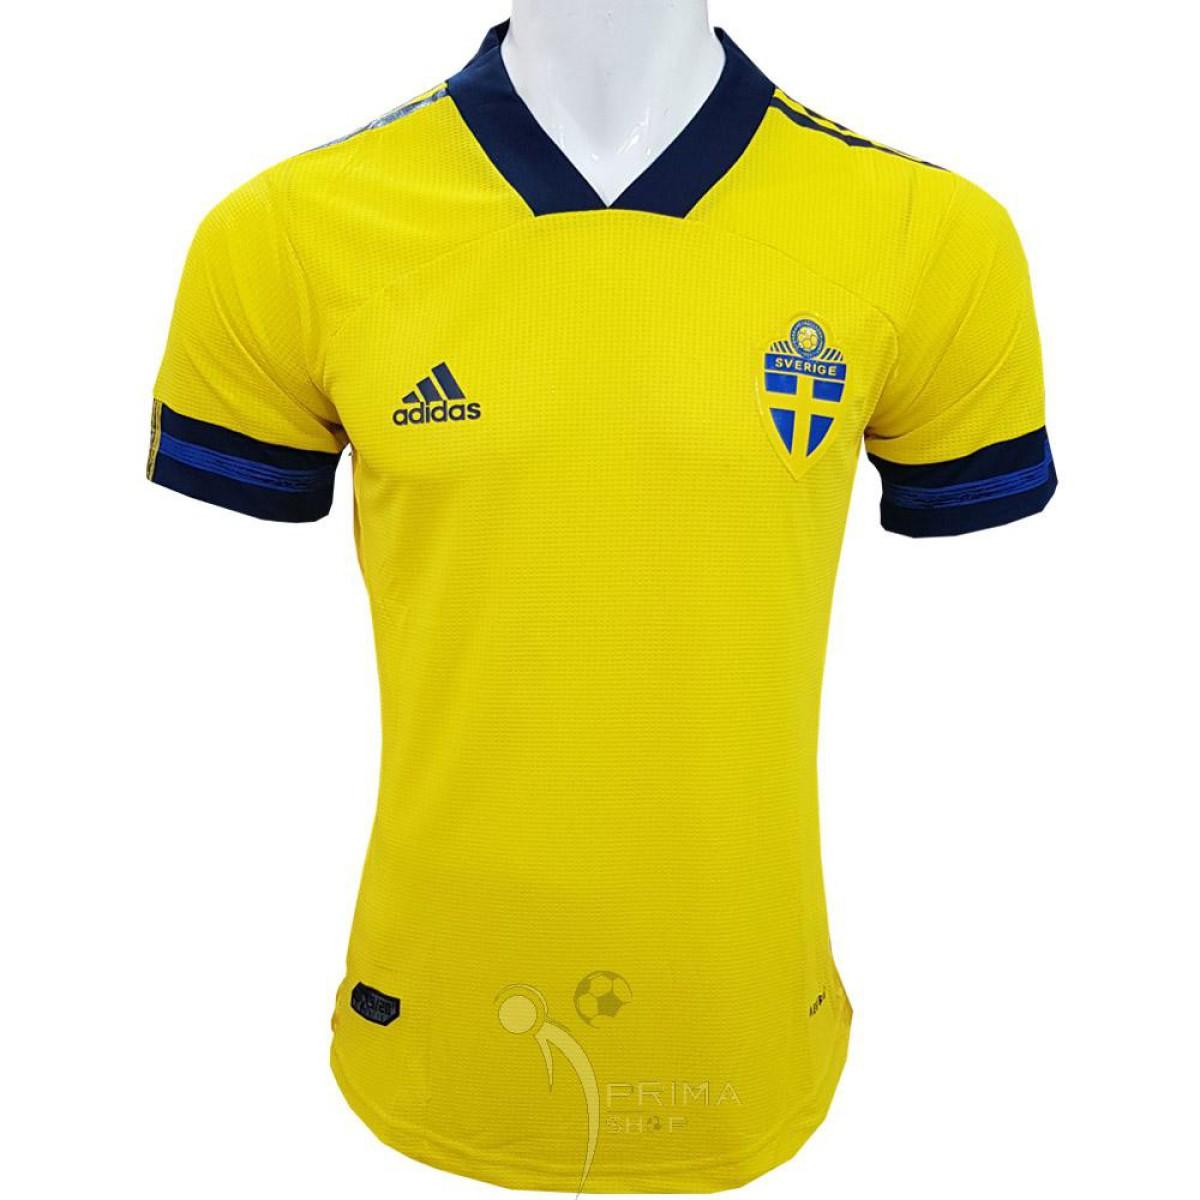 لباس اول سوئد ورژن پلیر 2020 با رنگ زرد و لوگو ژلاتینی پرس شده